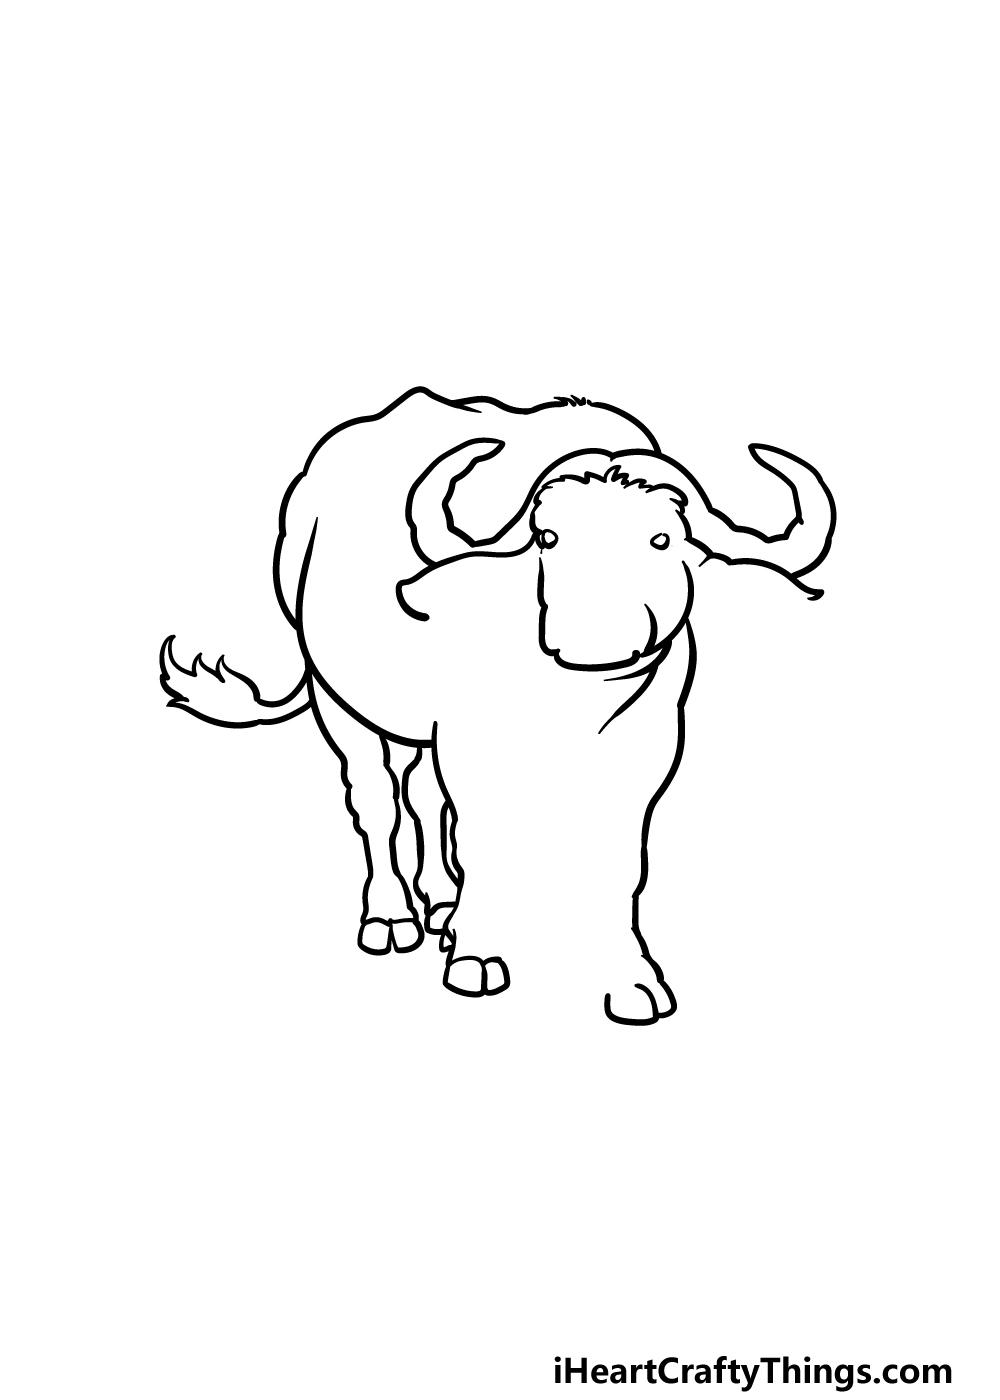 drawing buffalo step 4